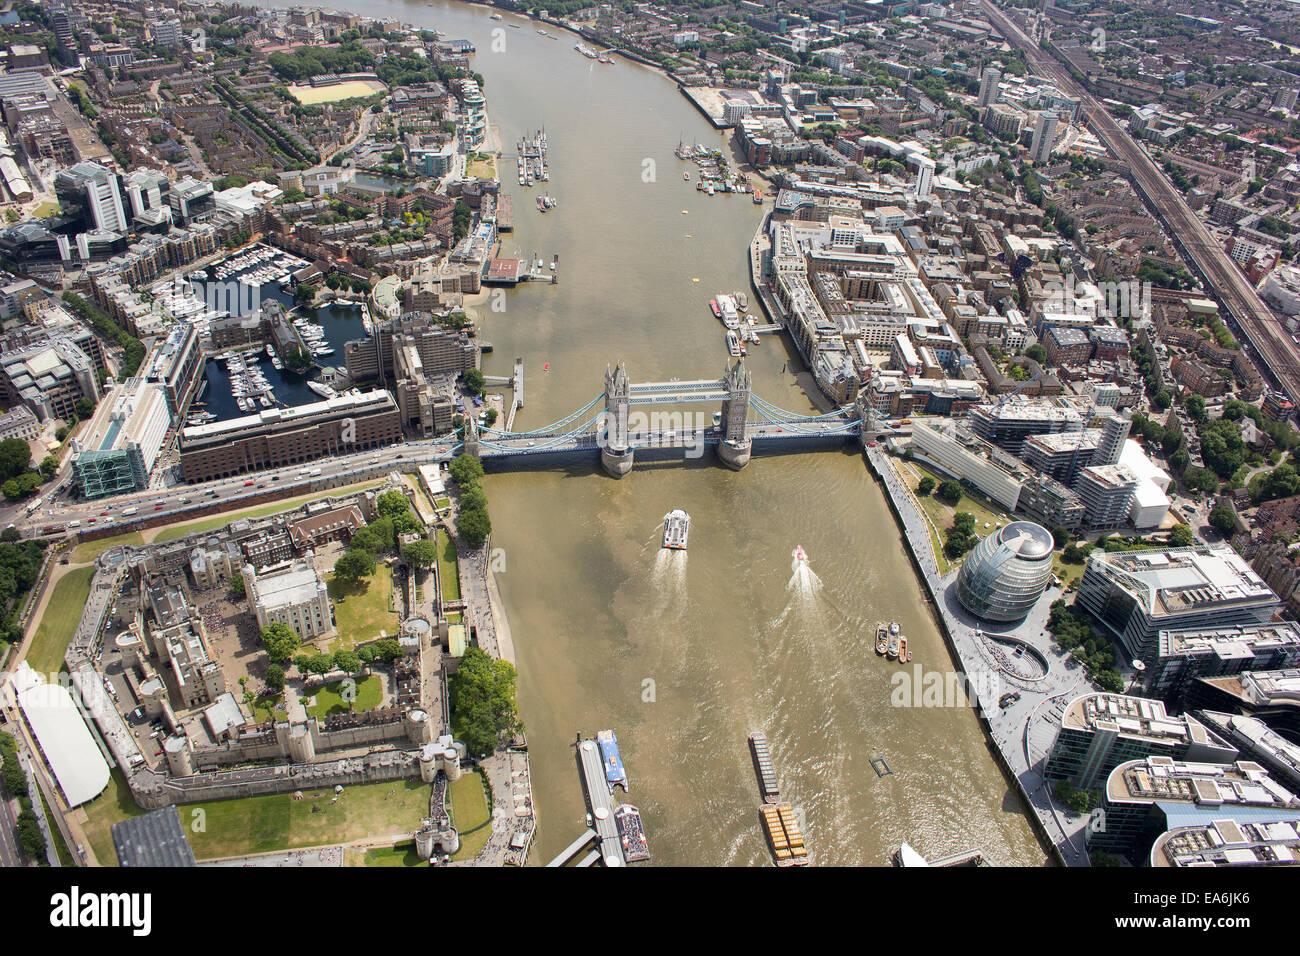 Luftaufnahme der Tower Bridge und Stadt, London, England, UK Stockbild